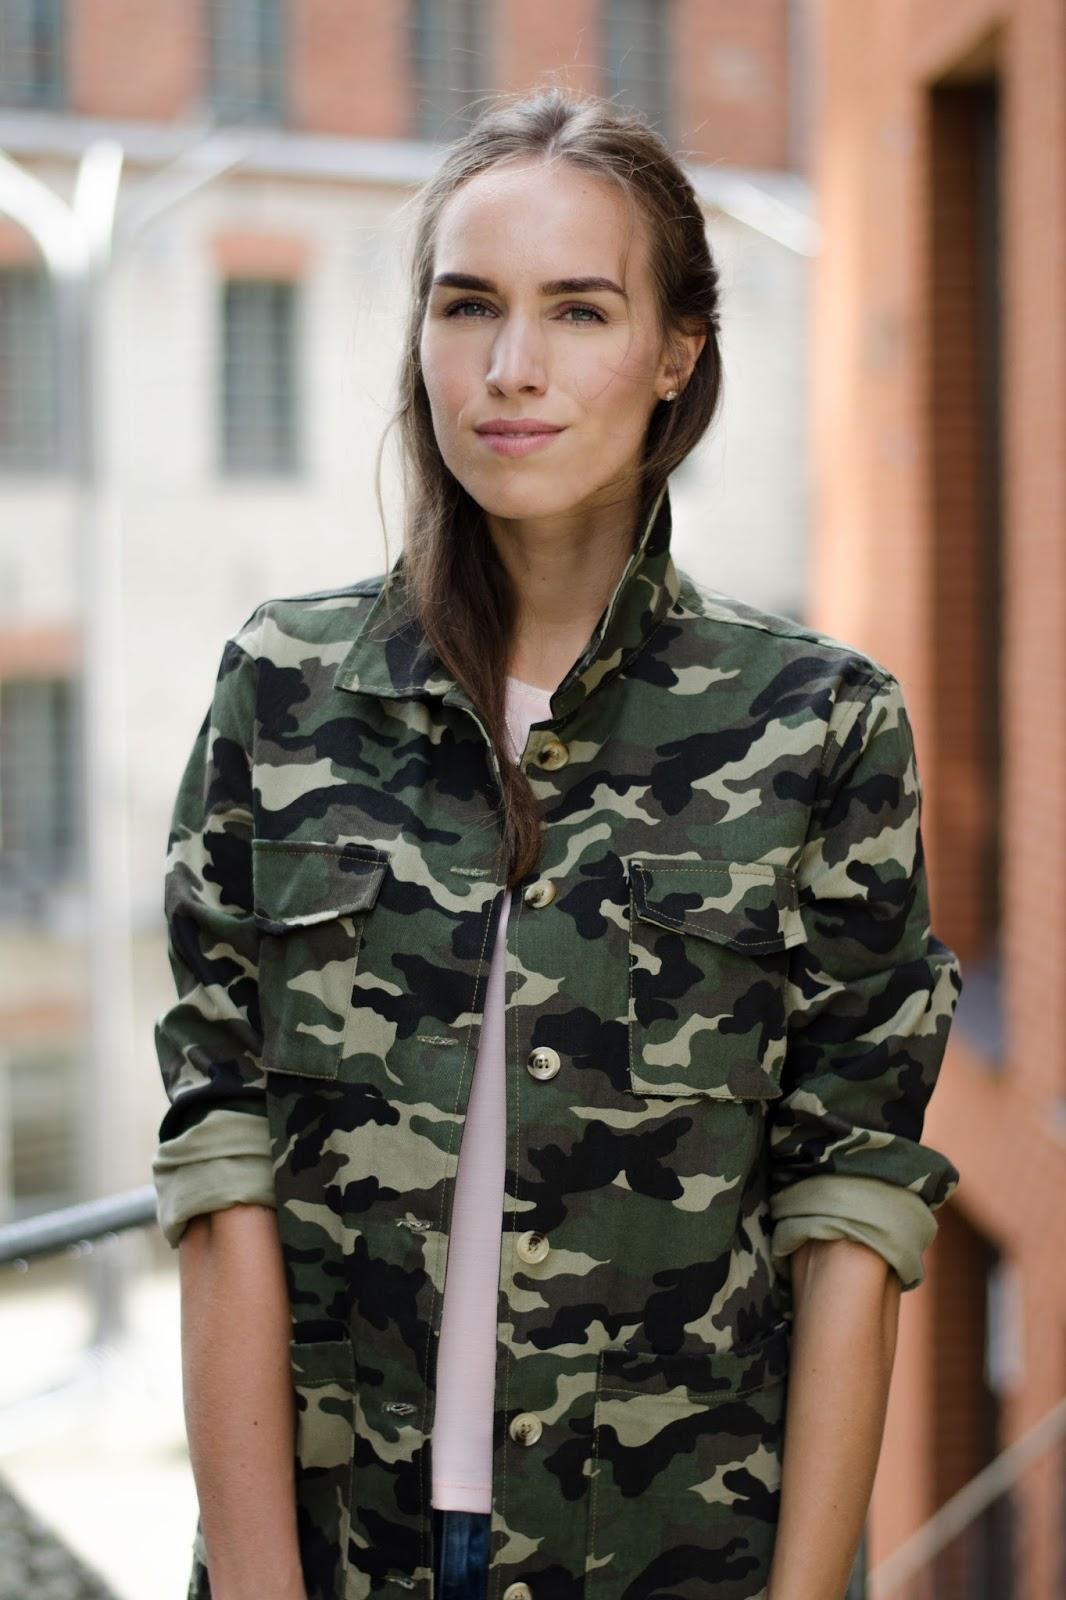 green military camo jacket